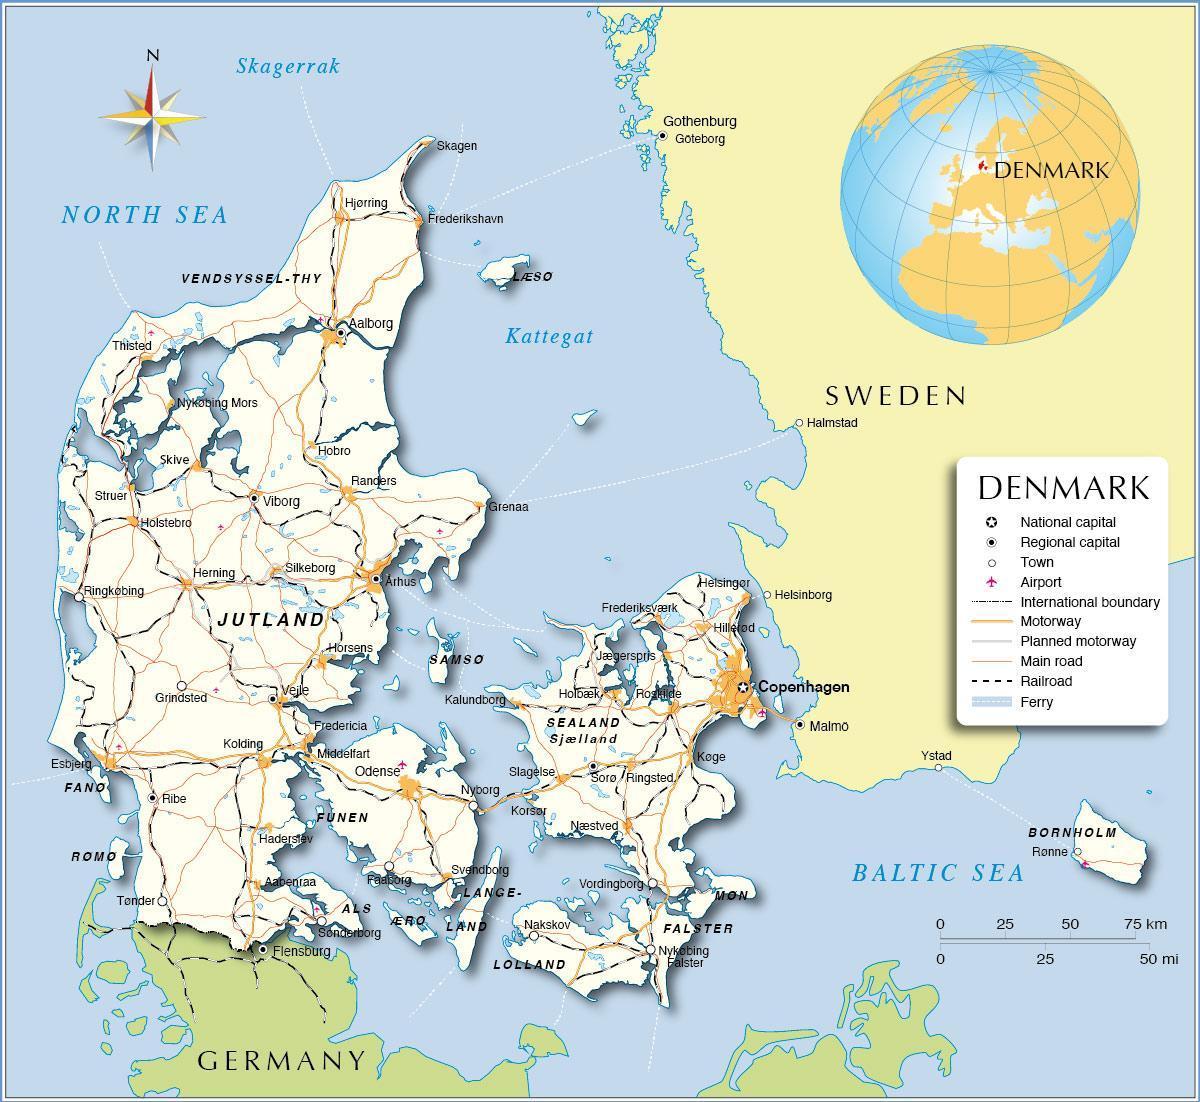 Tanska Kartta Kartta Yli Tanska Pohjois Eurooppa Eurooppa